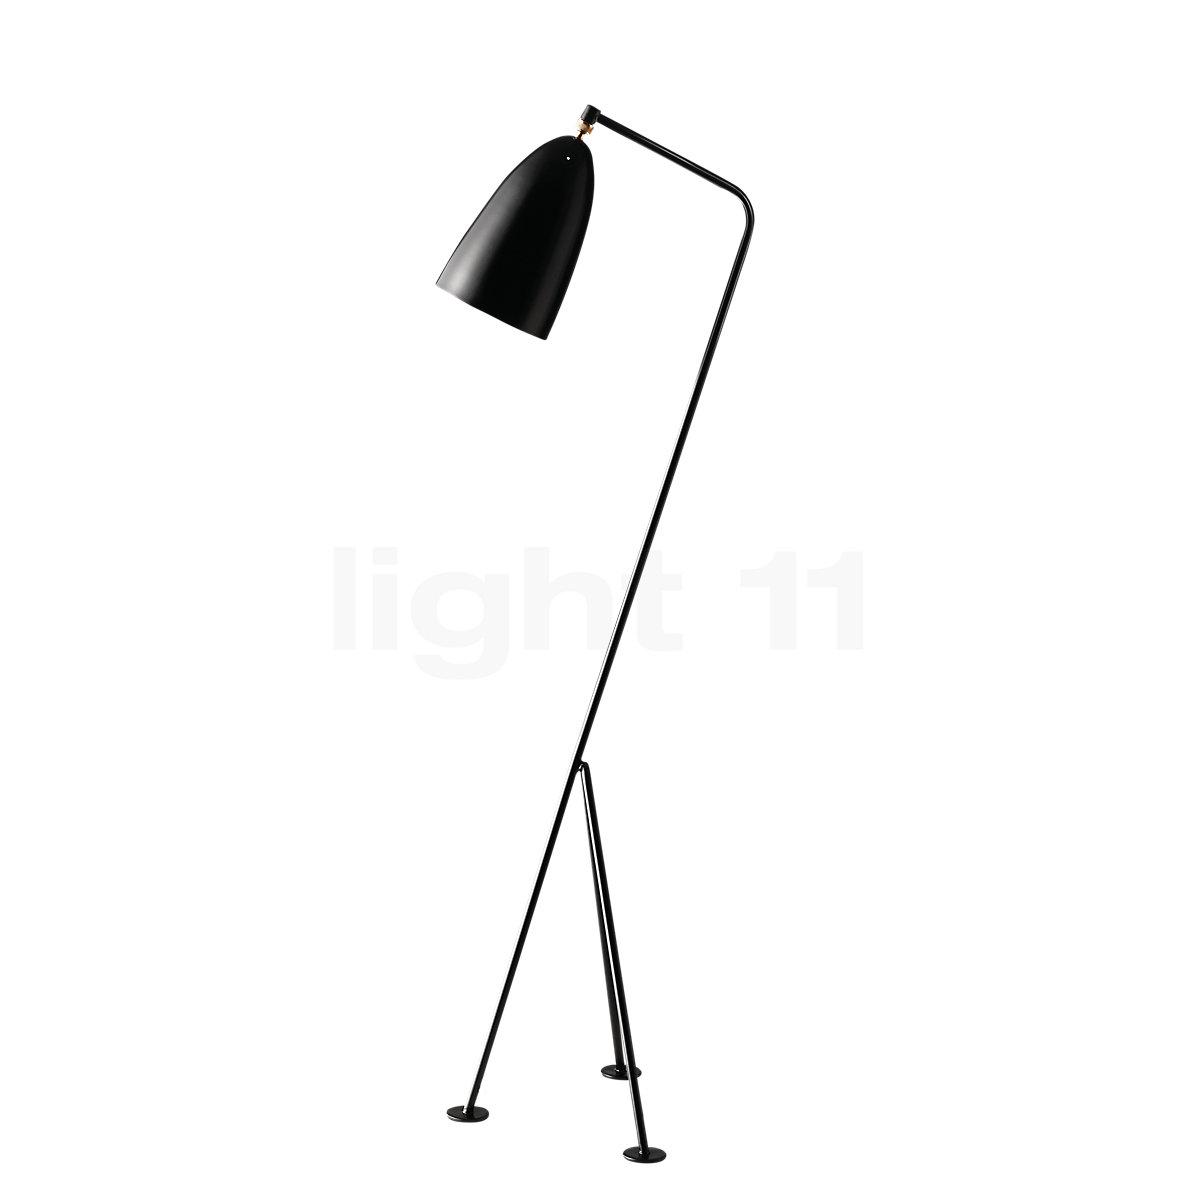 Gubi Grhopper Floor Lamps At Light11 Eu